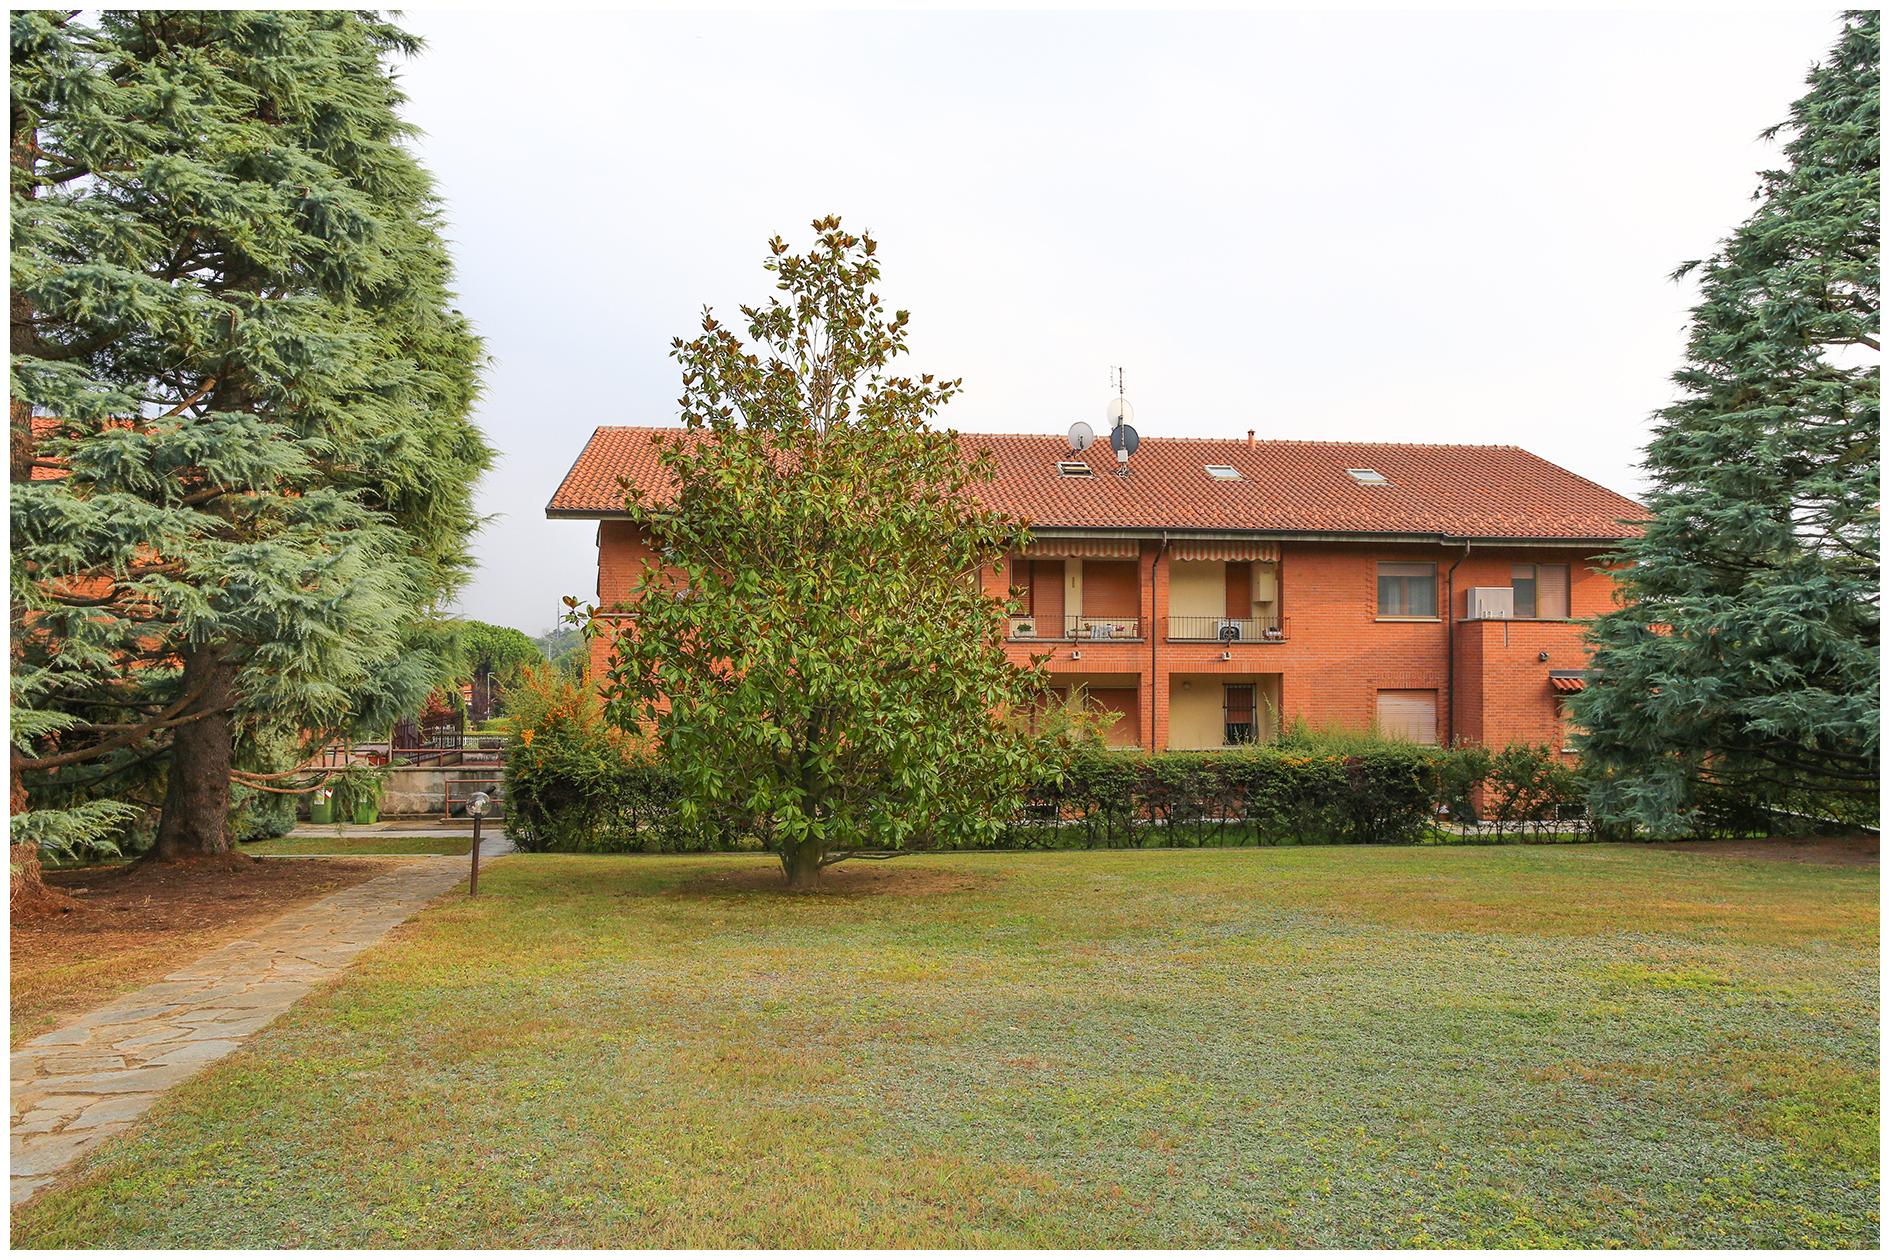 Appartamento in vendita a Villarbasse, 5 locali, zona Località: Centro, prezzo € 249.000 | PortaleAgenzieImmobiliari.it